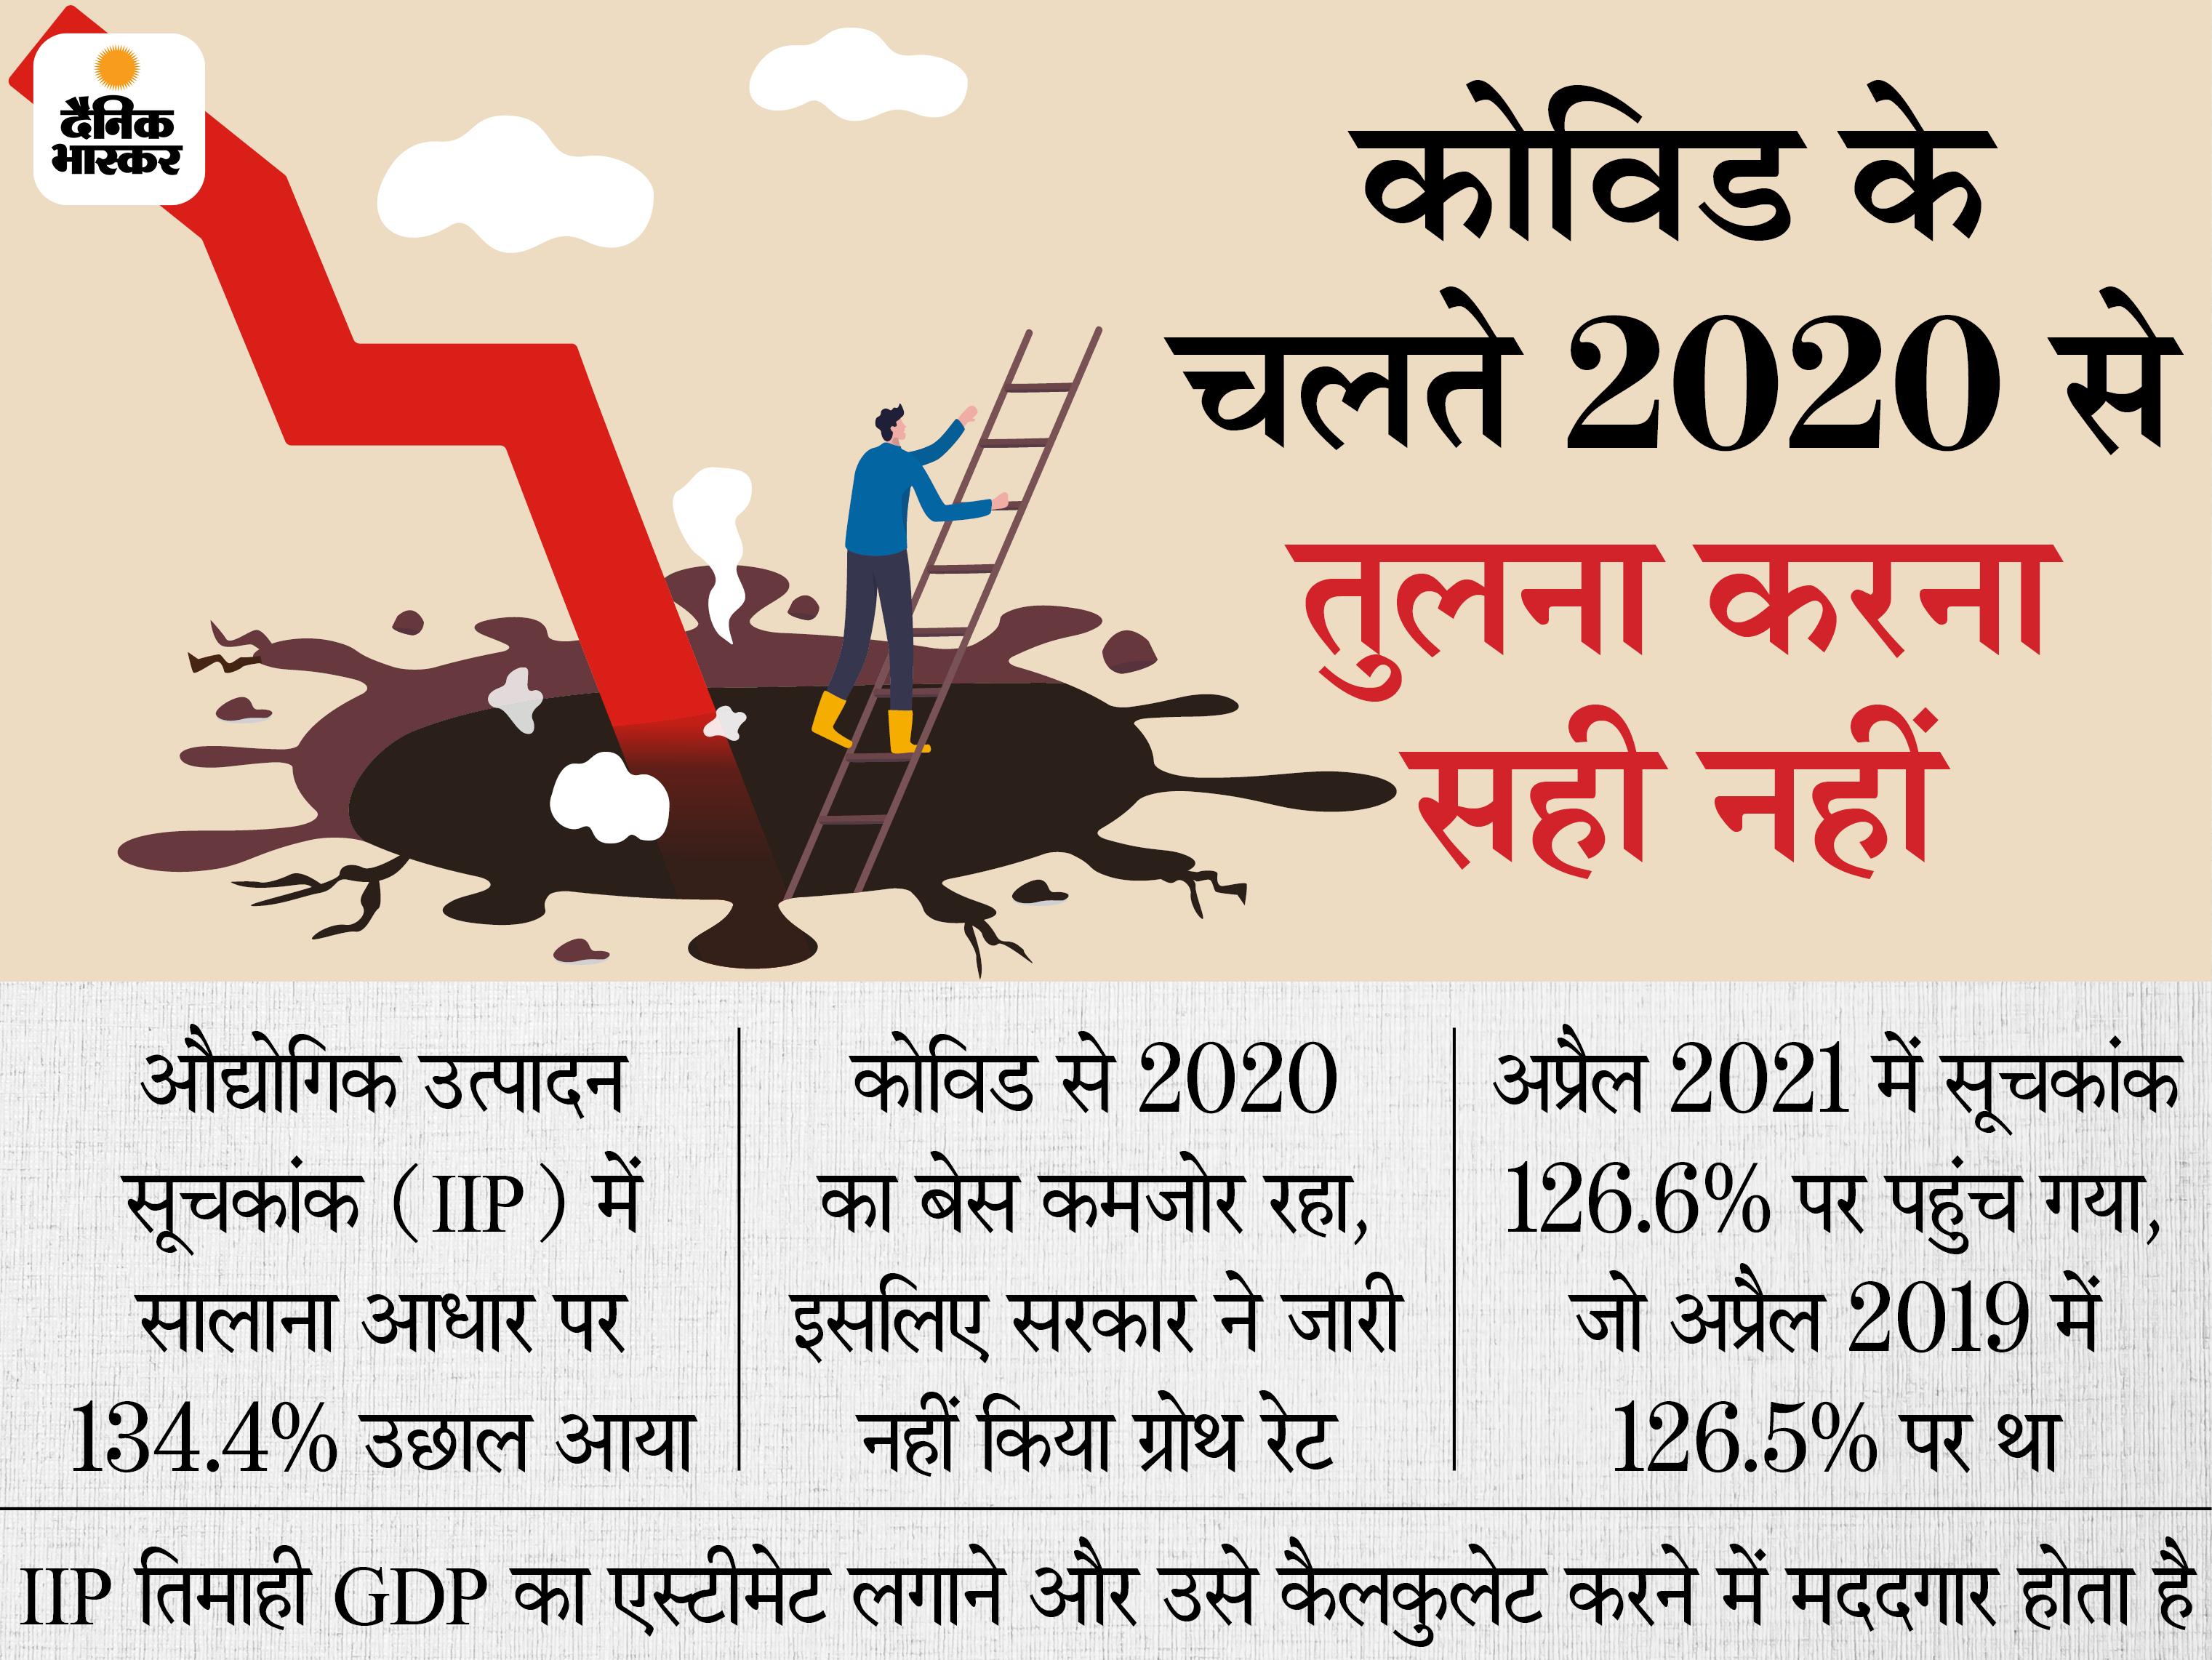 अप्रैल में औद्योगिक उत्पादन में 'शानदार सालाना रिकवरी', कोविड से कमजोर हुआ बेस दे रहा बेहतर आंकड़ा|बिजनेस,Business - Dainik Bhaskar